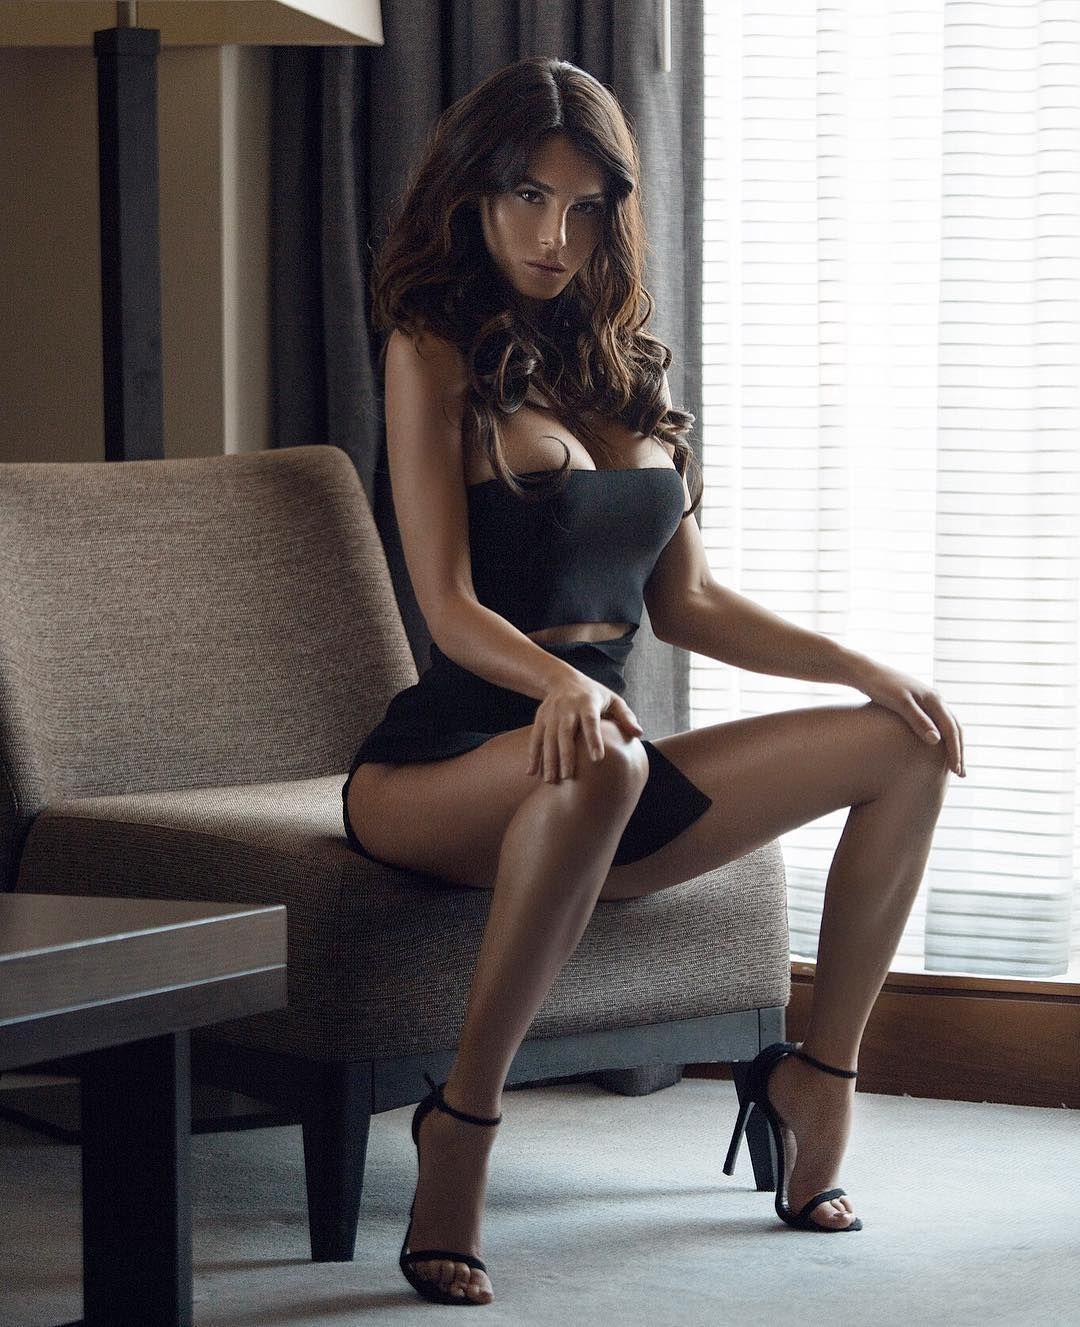 Silvia hot MILF at home